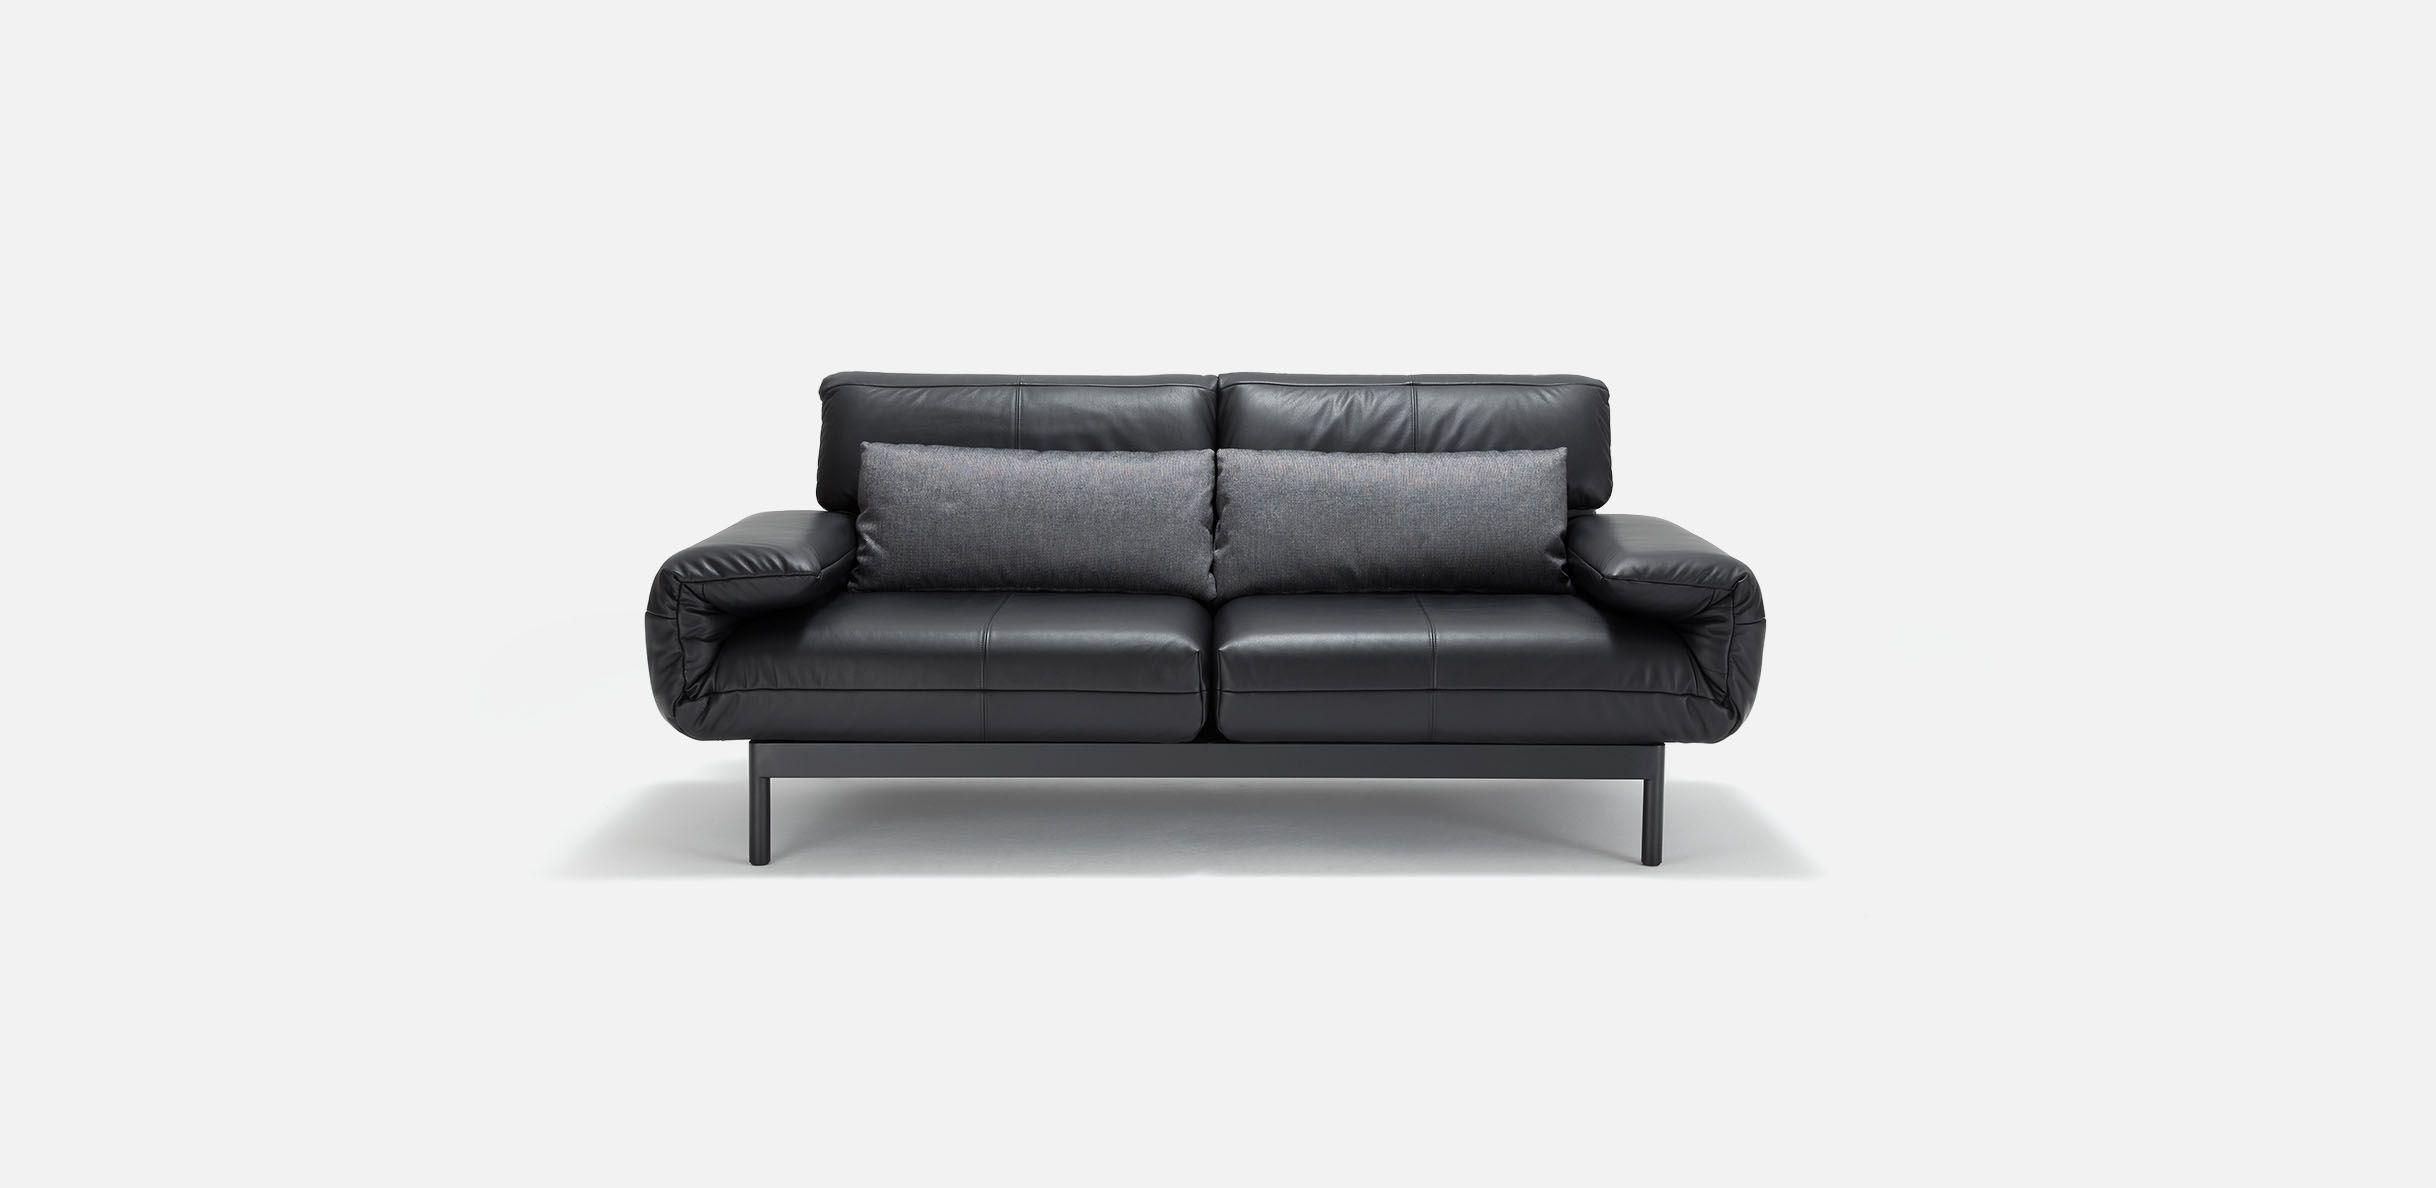 Full Size of Sofa Rolf Benz Freistil 165 Mera Preis Gebraucht Verkaufen Outlet Cara Leder Couch Sale 386 Preise Plural Kaufen Nova Einzigartig Schilling 3 Sitzer Grau Sofa Sofa Rolf Benz